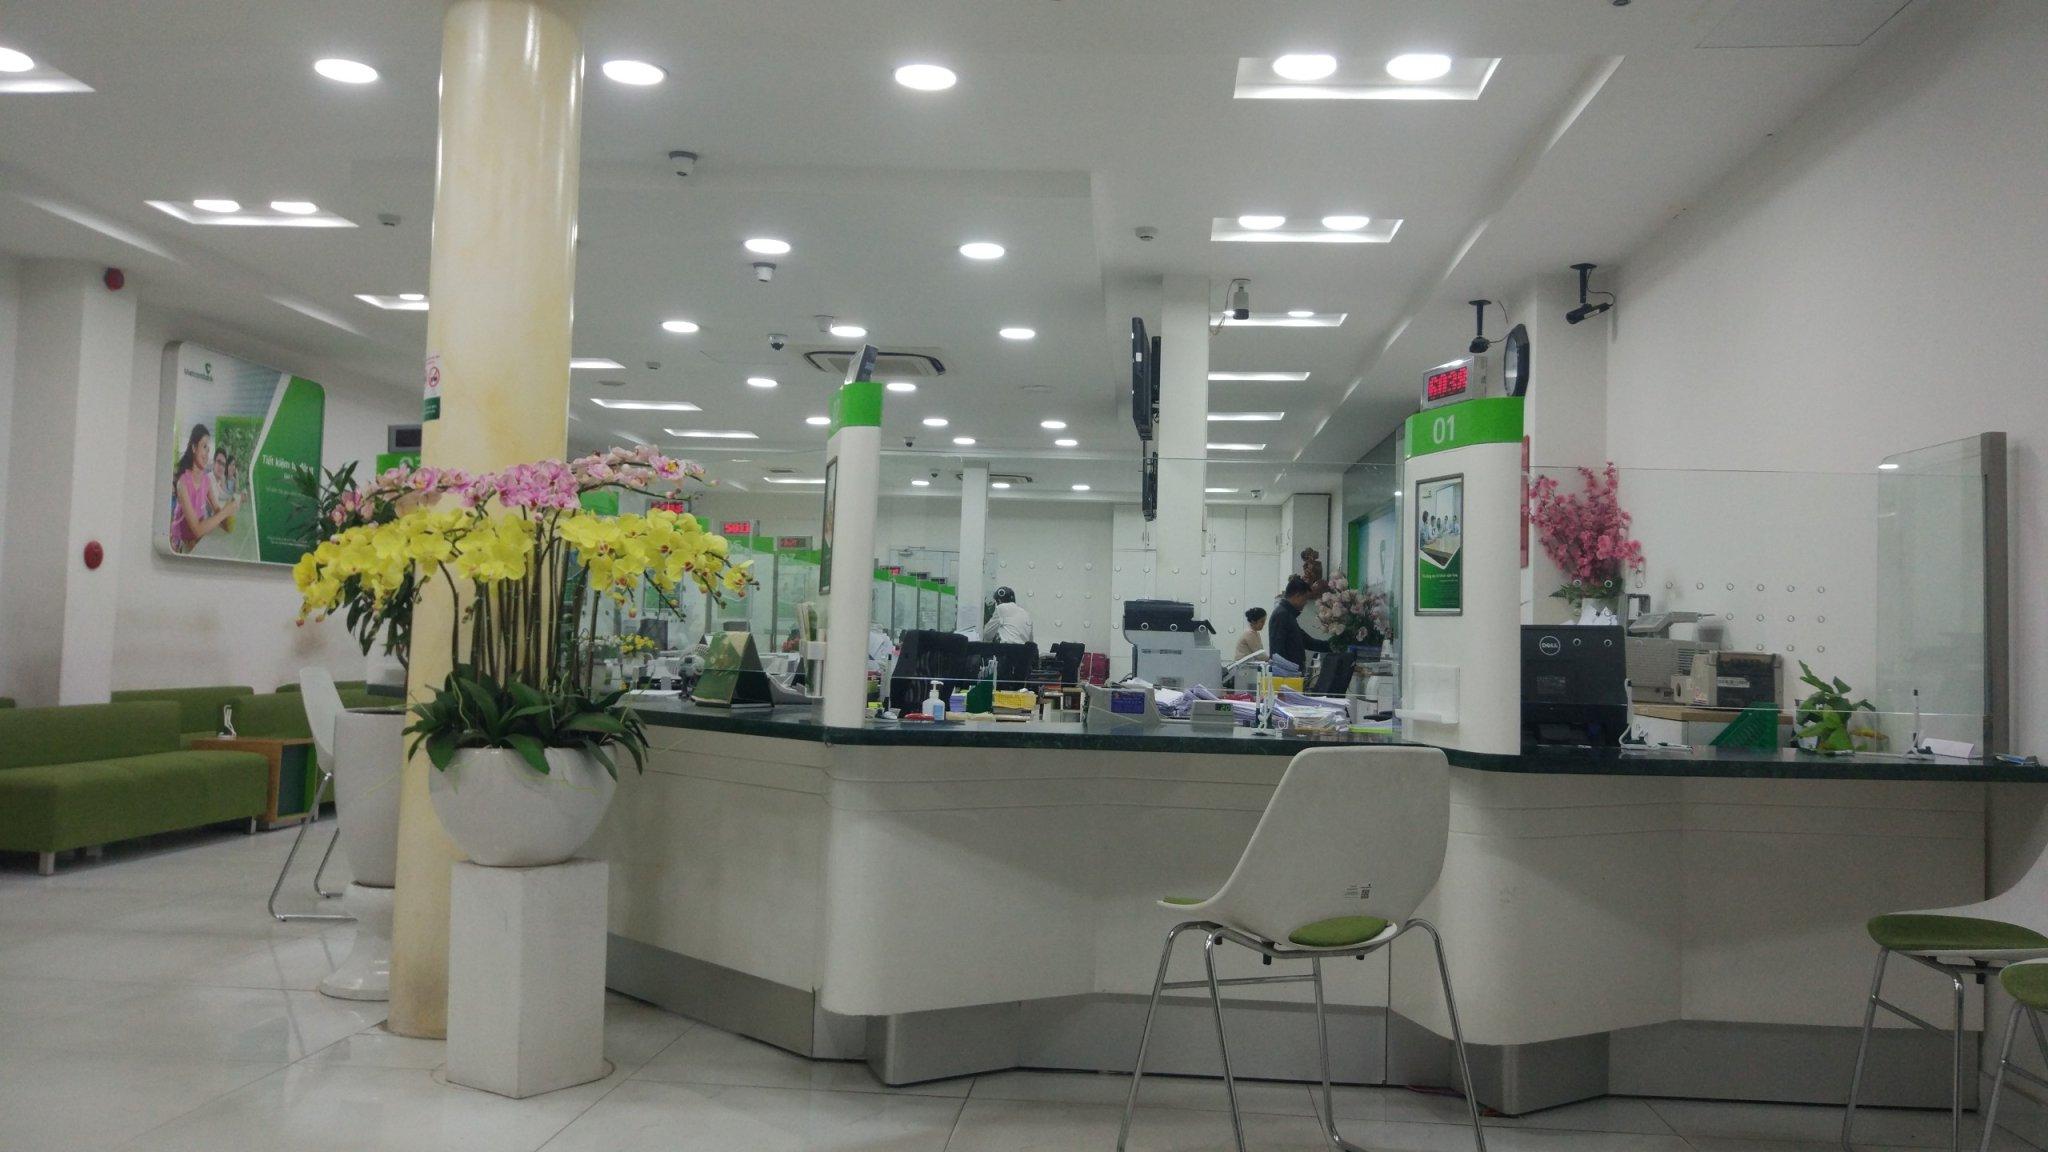 Khử khuẩn cho các địa điểm giao dịch của ngân hàng